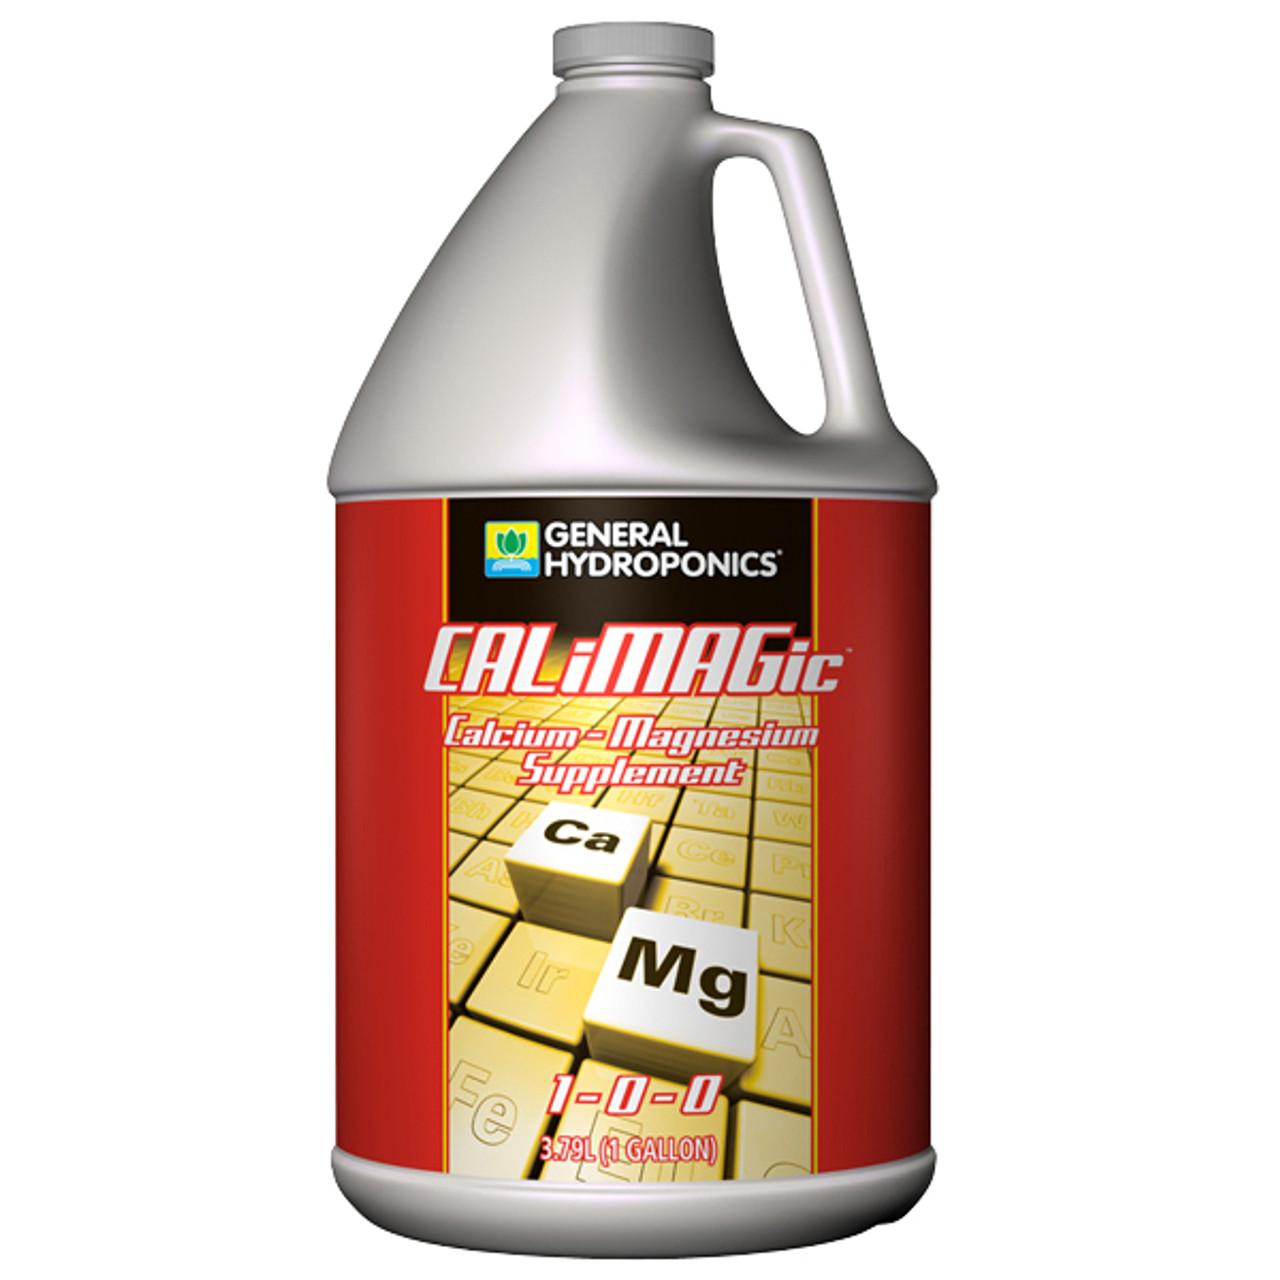 Calcium Magnesium Supplement - CALiMAGic General Hydroponics 4L